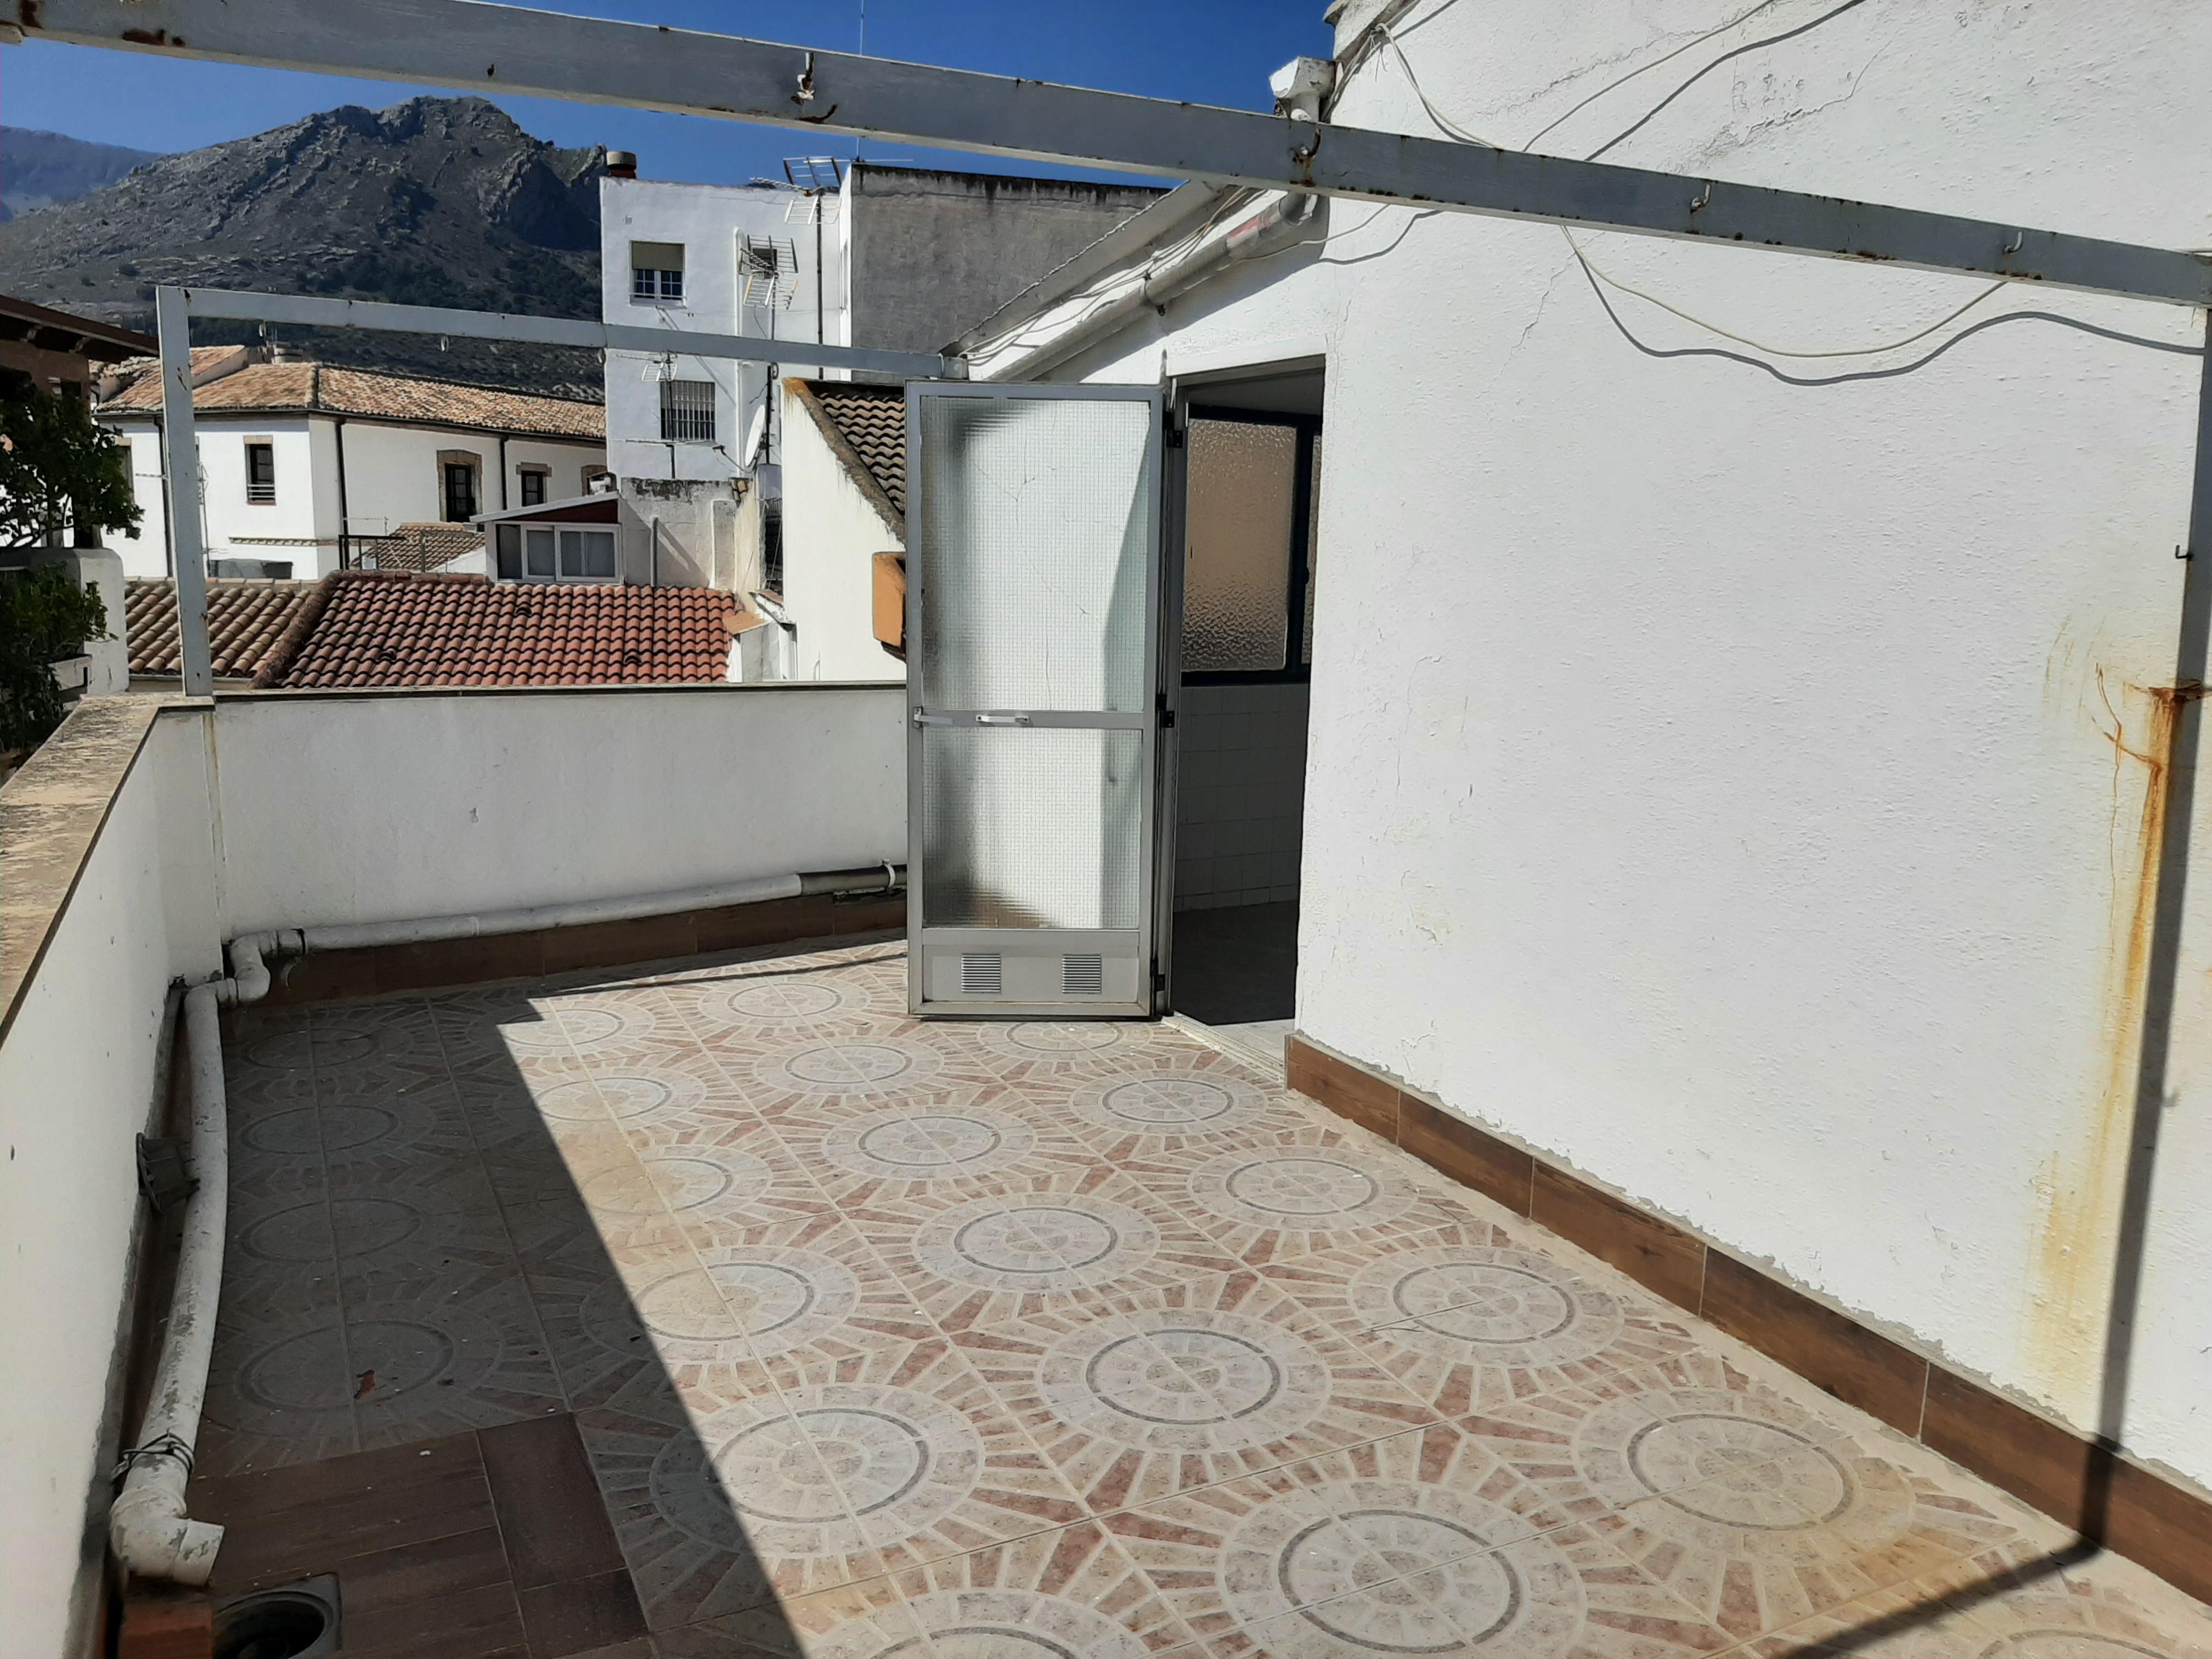 Piso en venta en San Félix, Jaén, Jaén, Calle Toro, 67.000 €, 3 habitaciones, 1 baño, 73 m2